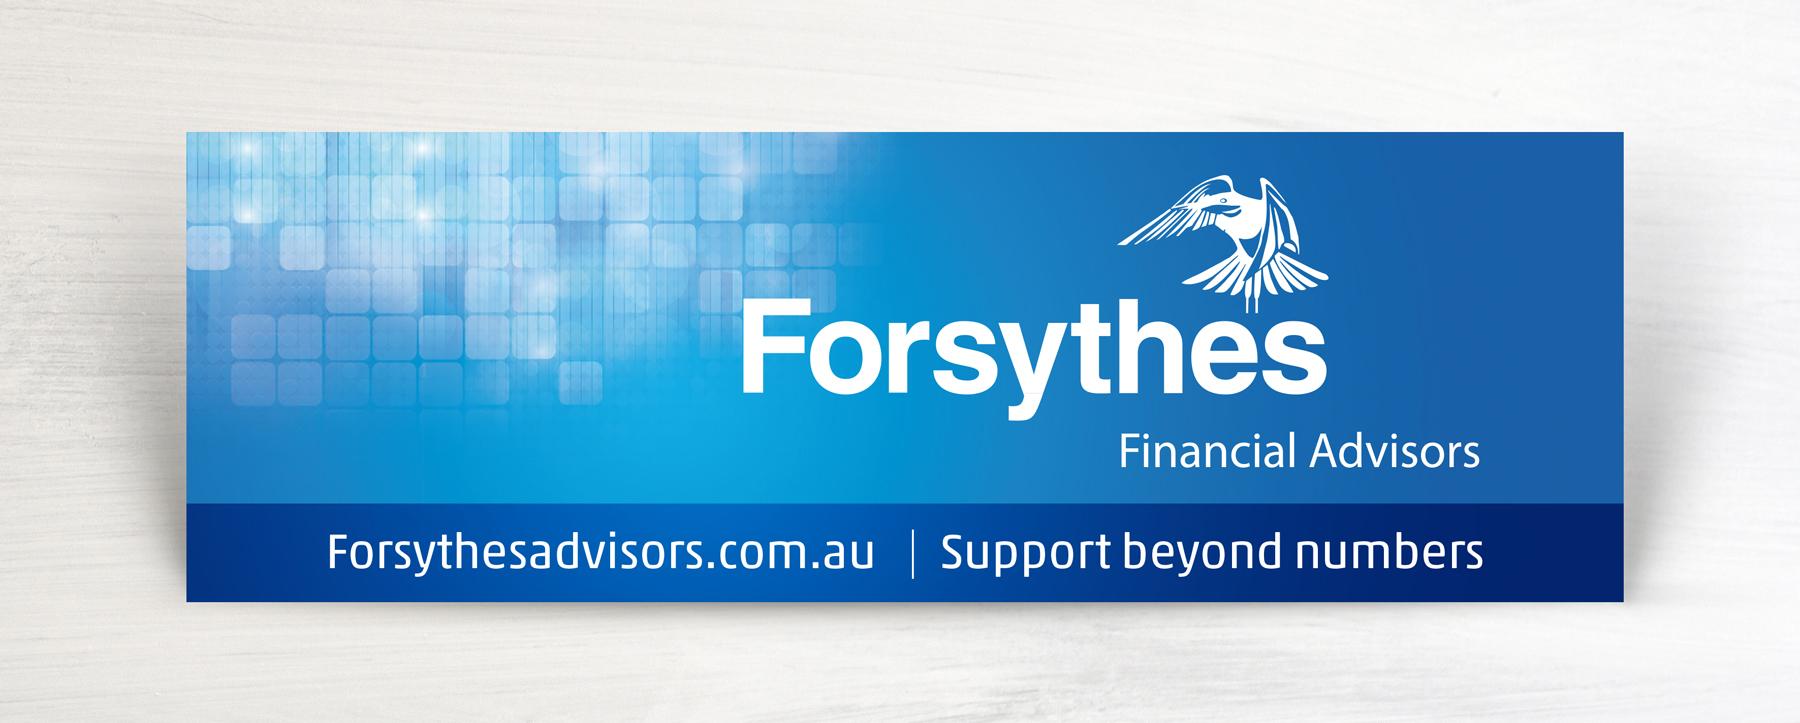 Forsythes Signage